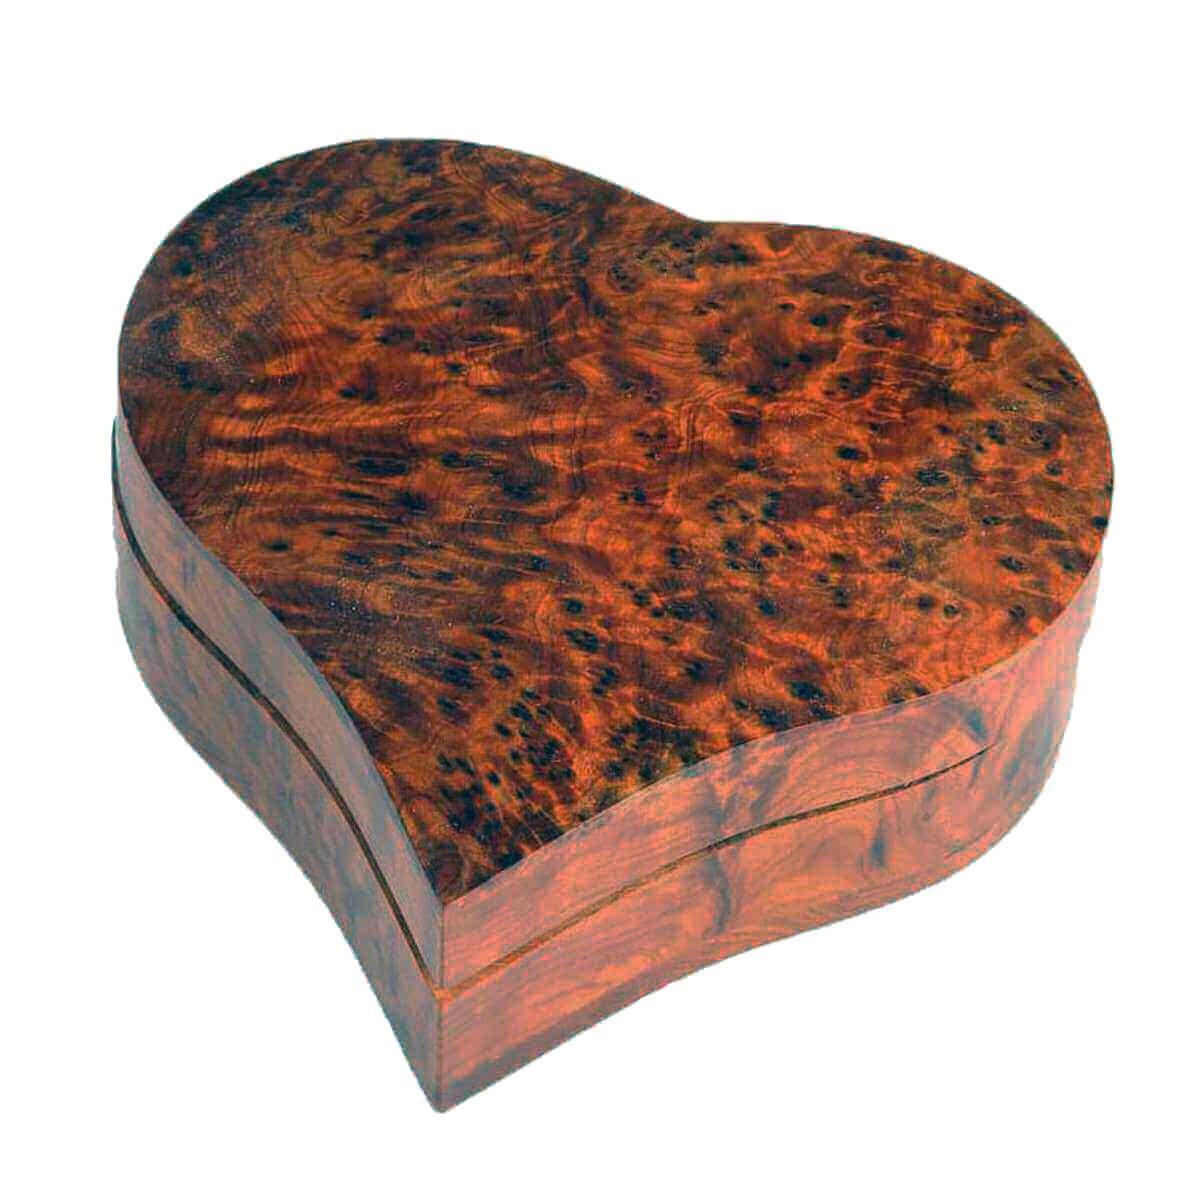 Thuja Holz Verwendung thuja holz schatulle dose schmuckdose holzschachtel deko wurzelholz